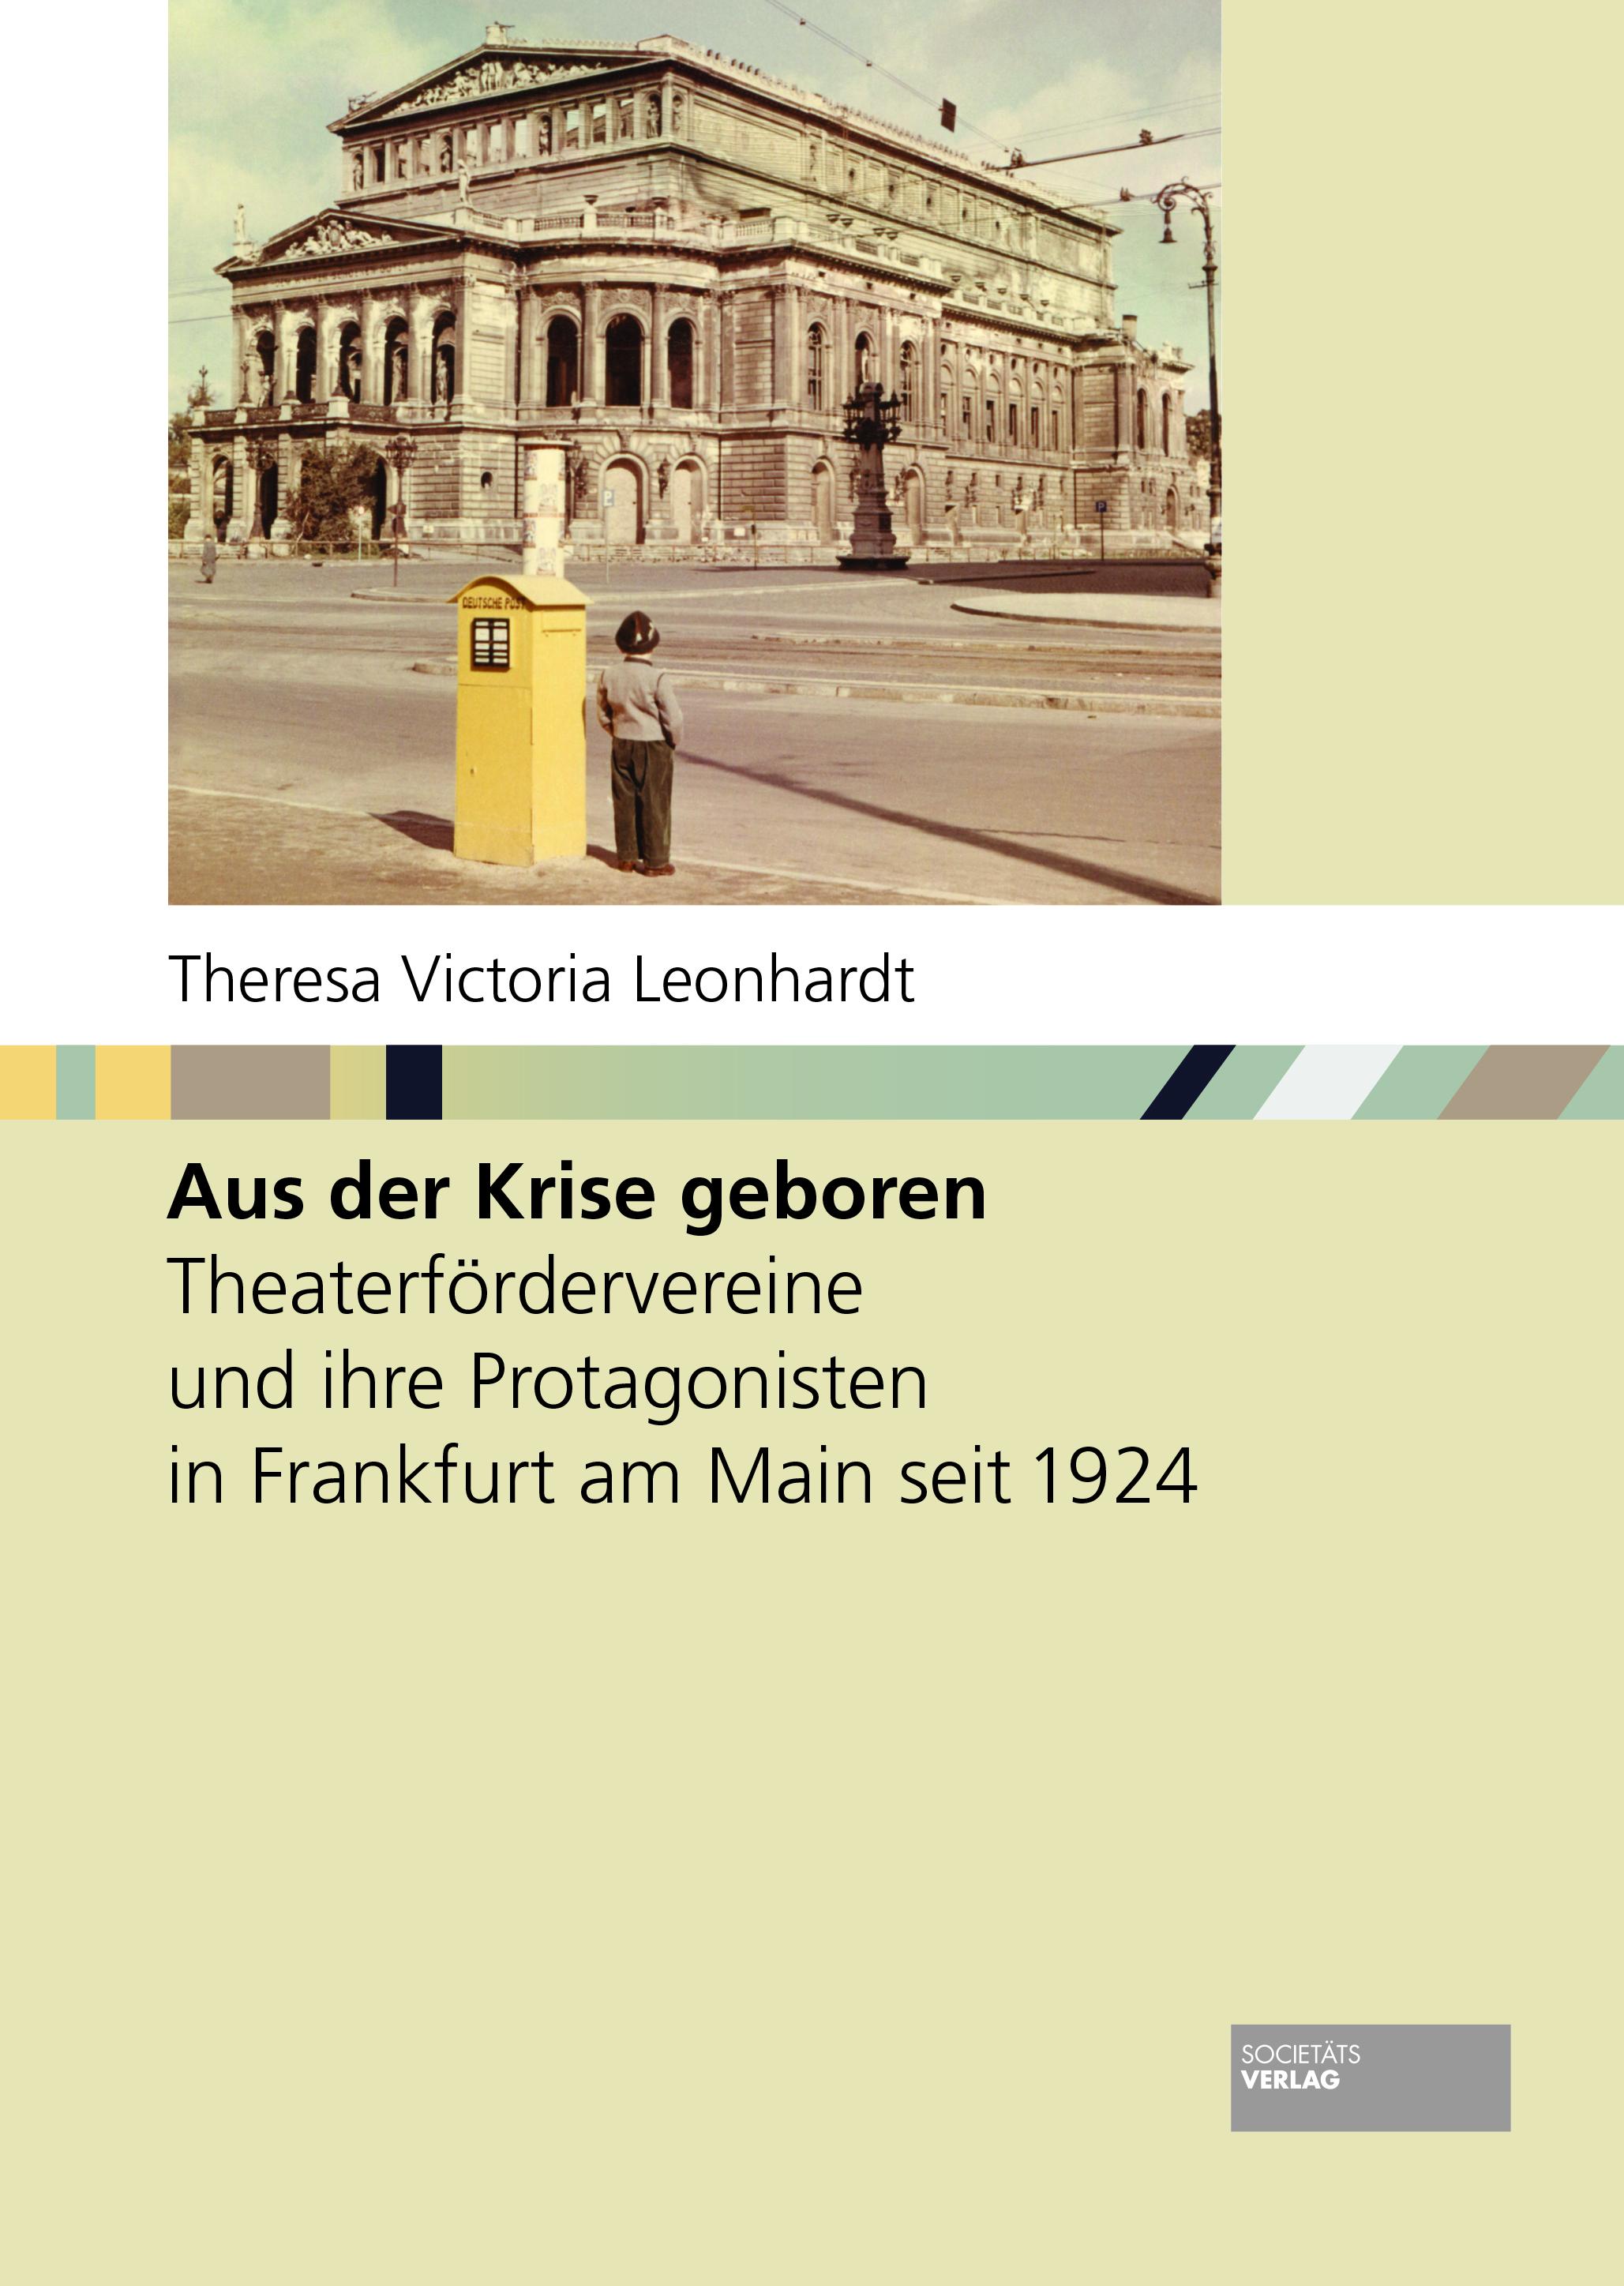 Leonhardt_Aus_der_Krise_geboren_9783955422891^